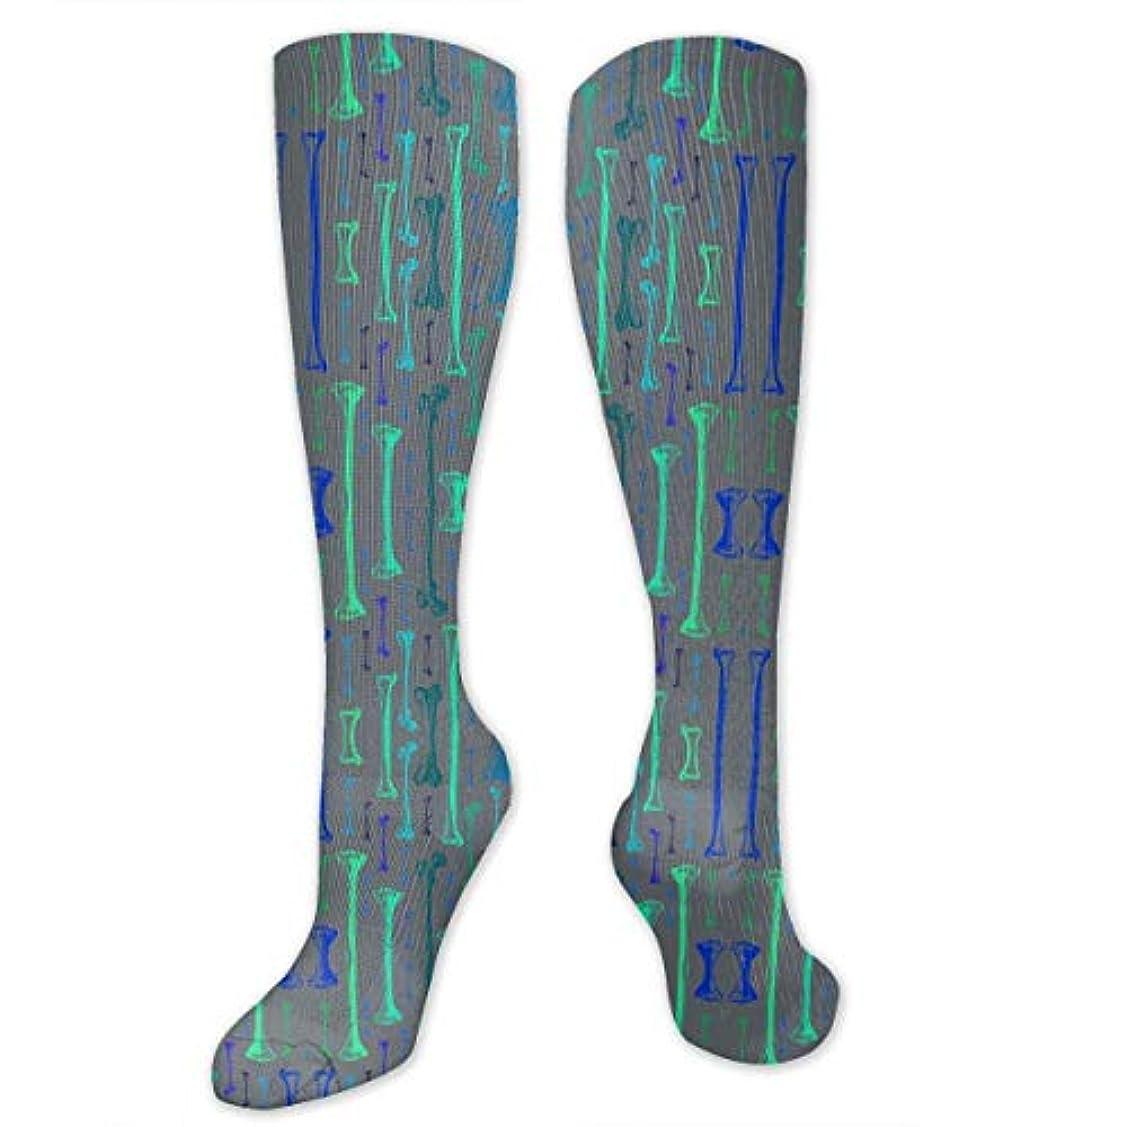 政令台無しに仕える靴下,ストッキング,野生のジョーカー,実際,秋の本質,冬必須,サマーウェア&RBXAA Bones Dogs Pup Blue Colors Socks Women's Winter Cotton Long Tube Socks...